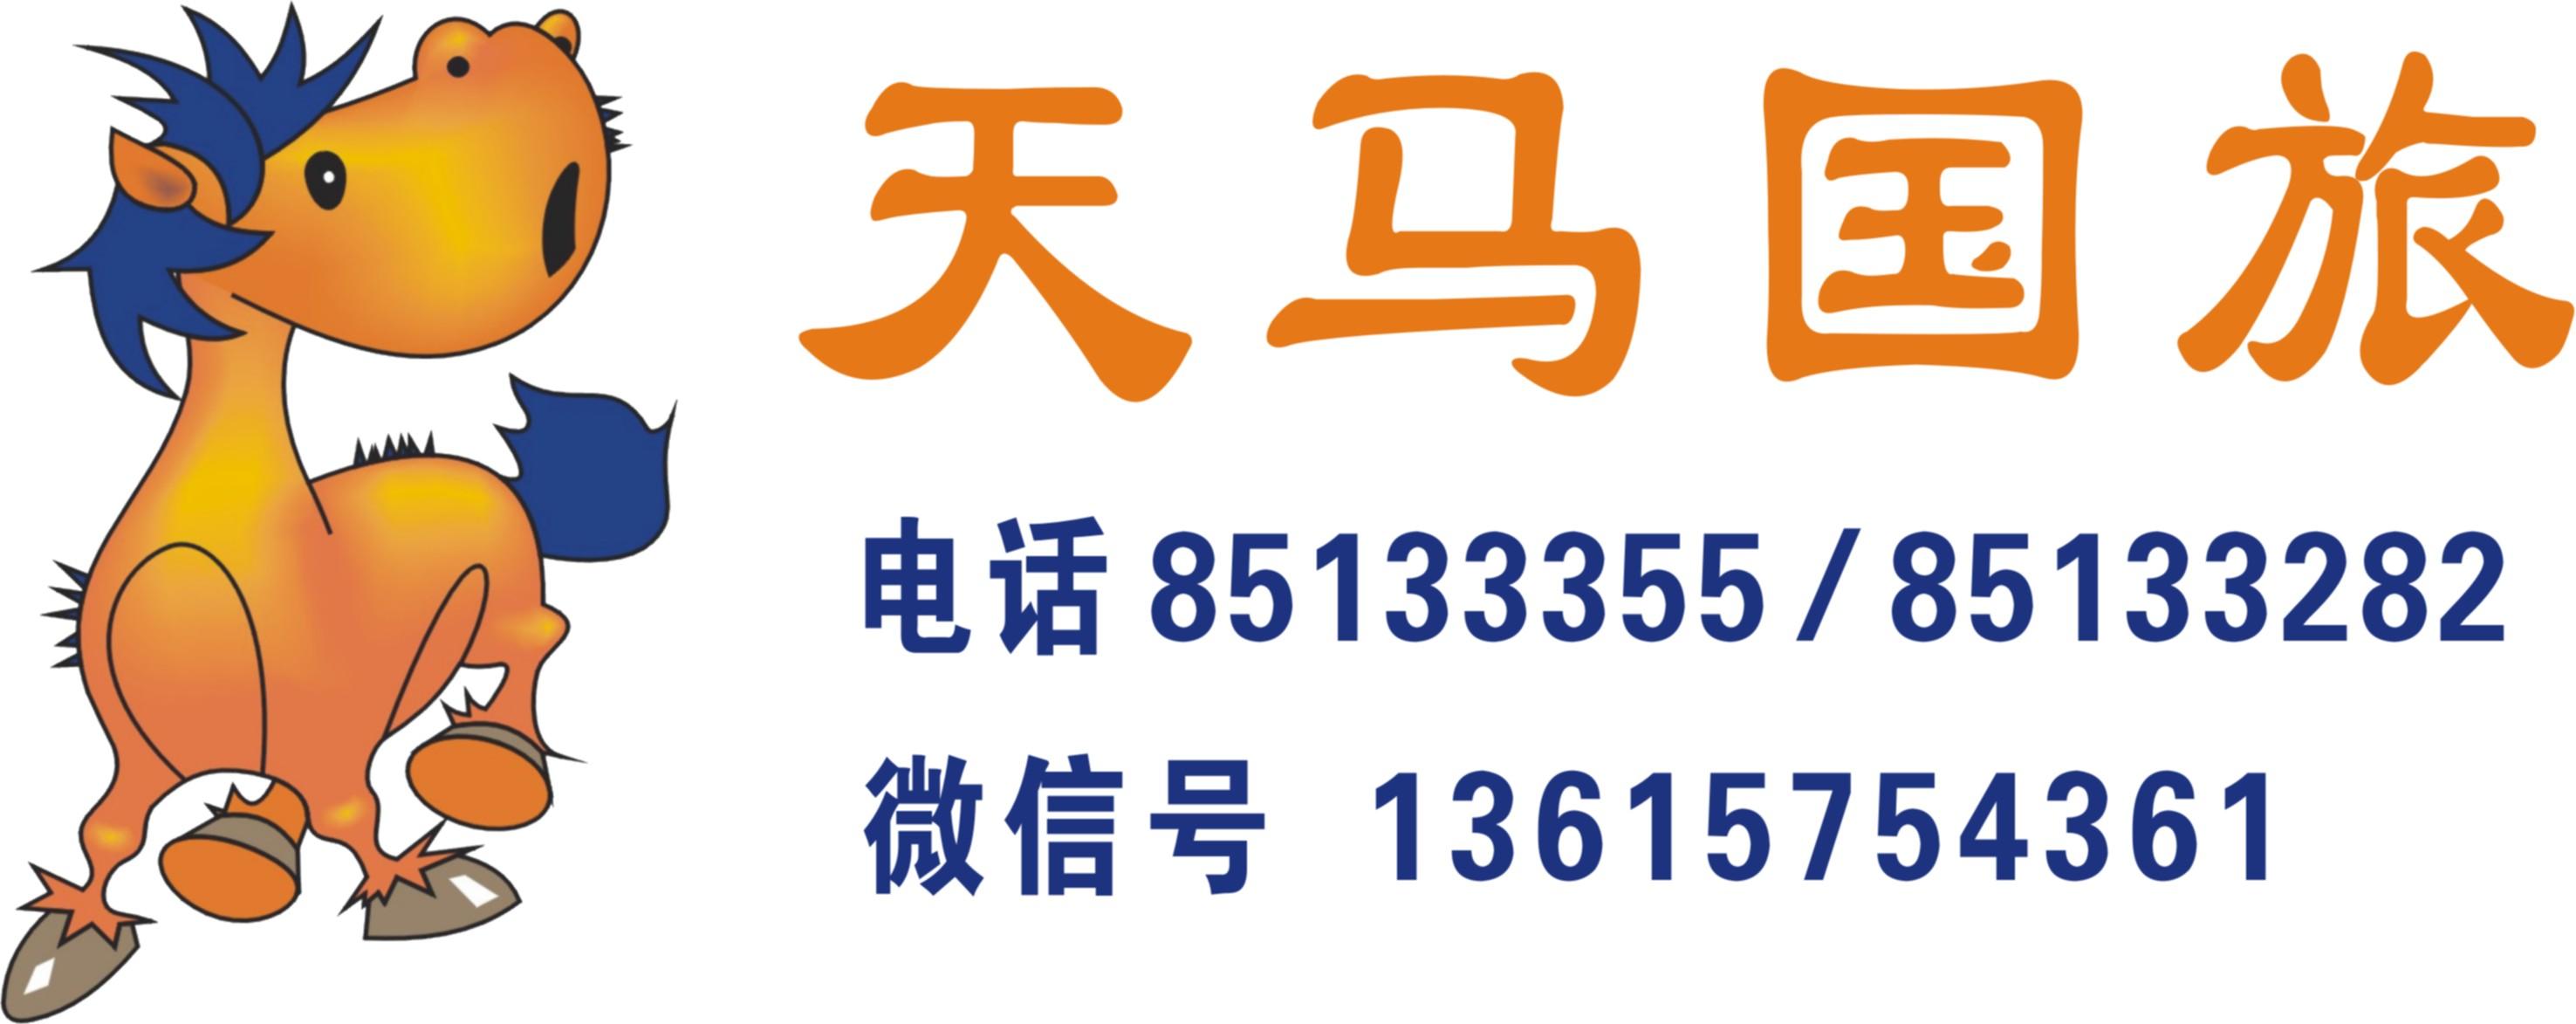 6.15【横店影视城、夜游梦幻谷二日】4大点+梦,含餐